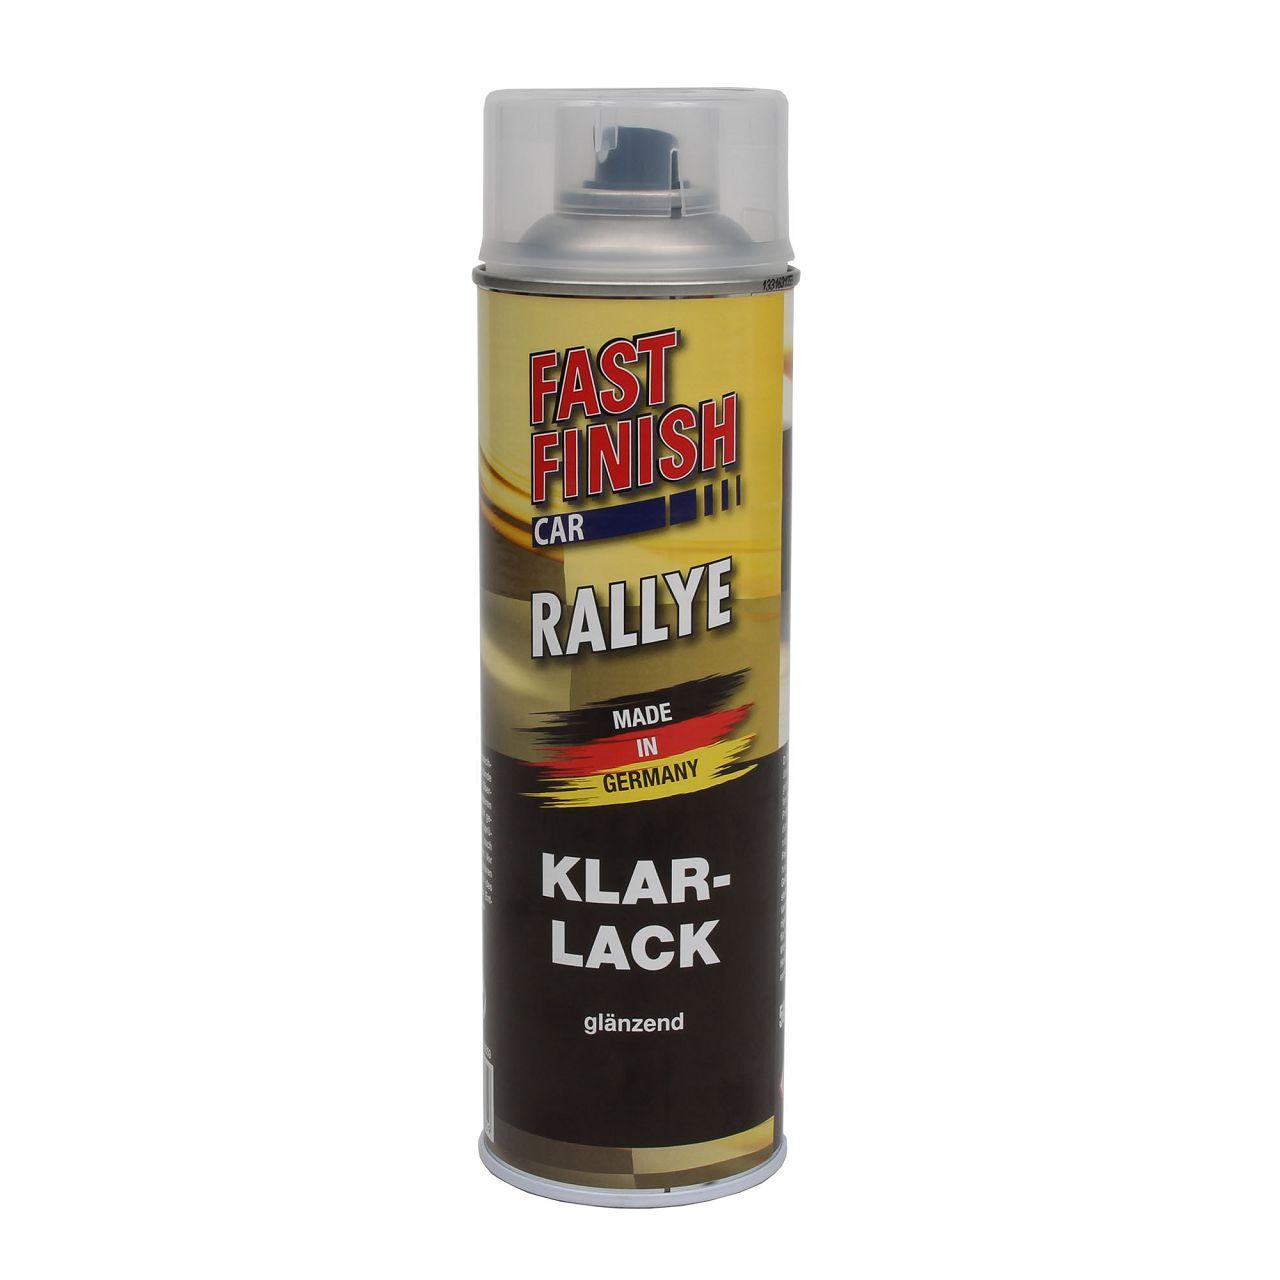 FAST FINISH Car Rallye Klarlack Lackspray glänzend Spraydose 500ml 292859